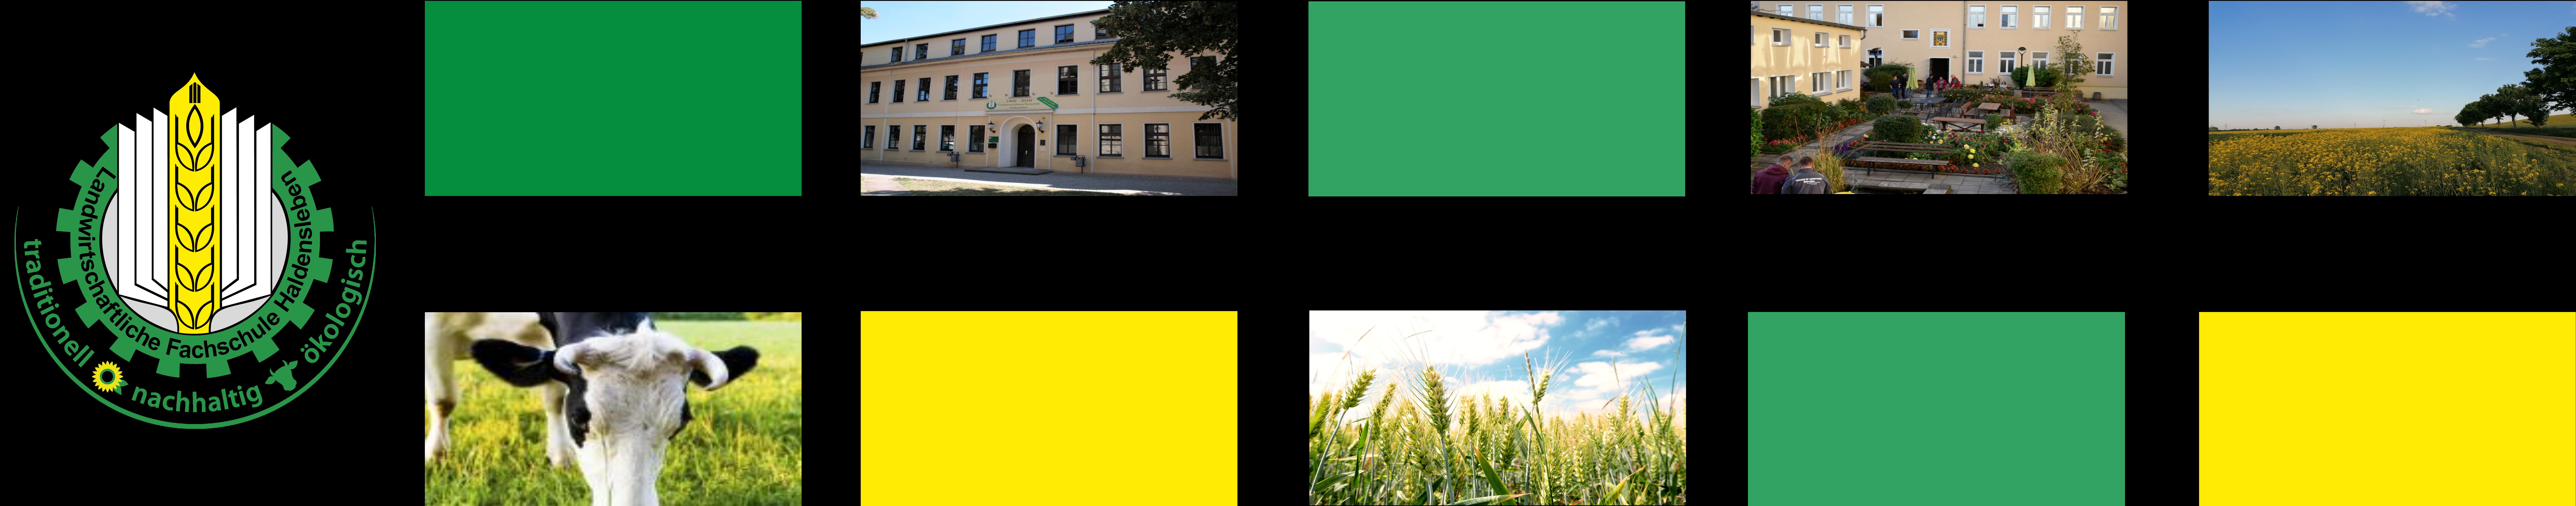 Verein der Landwirtschaftlichen Fachschule